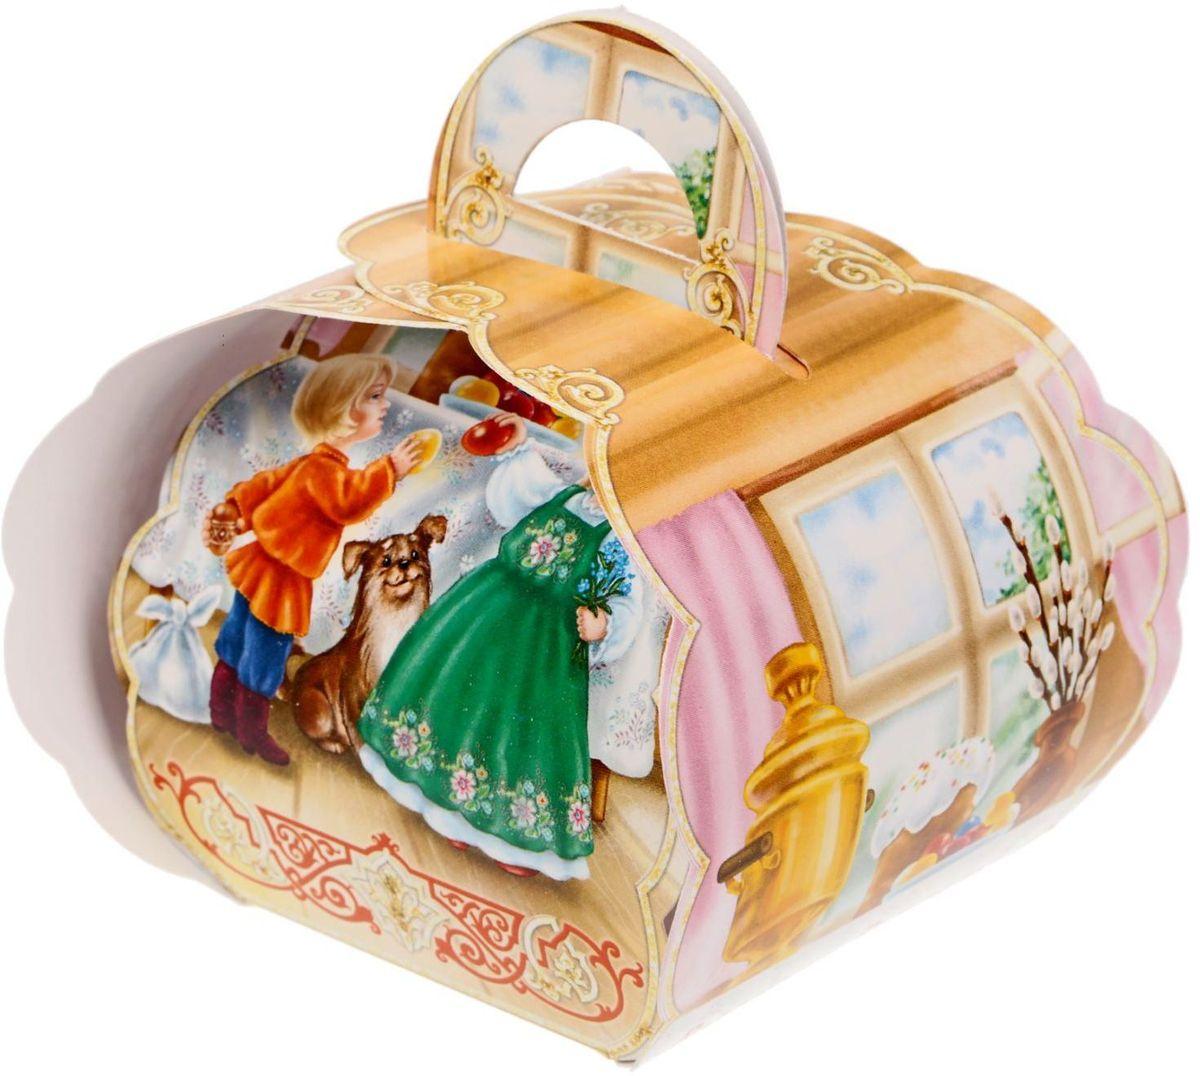 Коробочка подарочная для яйца Христос Воскресе. Дети. 174699193451CКоробочка подарочная для яйца — новое веяние в мире подарочной упаковки. Представьте, как здорово будет преподнести родным и близким подарки в таком оформлении. Душевный дизайн в народном стиле и пасхальные символы никого не оставят равнодушным. Коробочка надёжна и легка в использовании. Согните её по линиям и положите внутрь заготовленный презент. Благодаря удобной ручке изделие удобно переносить. Размер заготовки: 13,4 х 26,2 см.